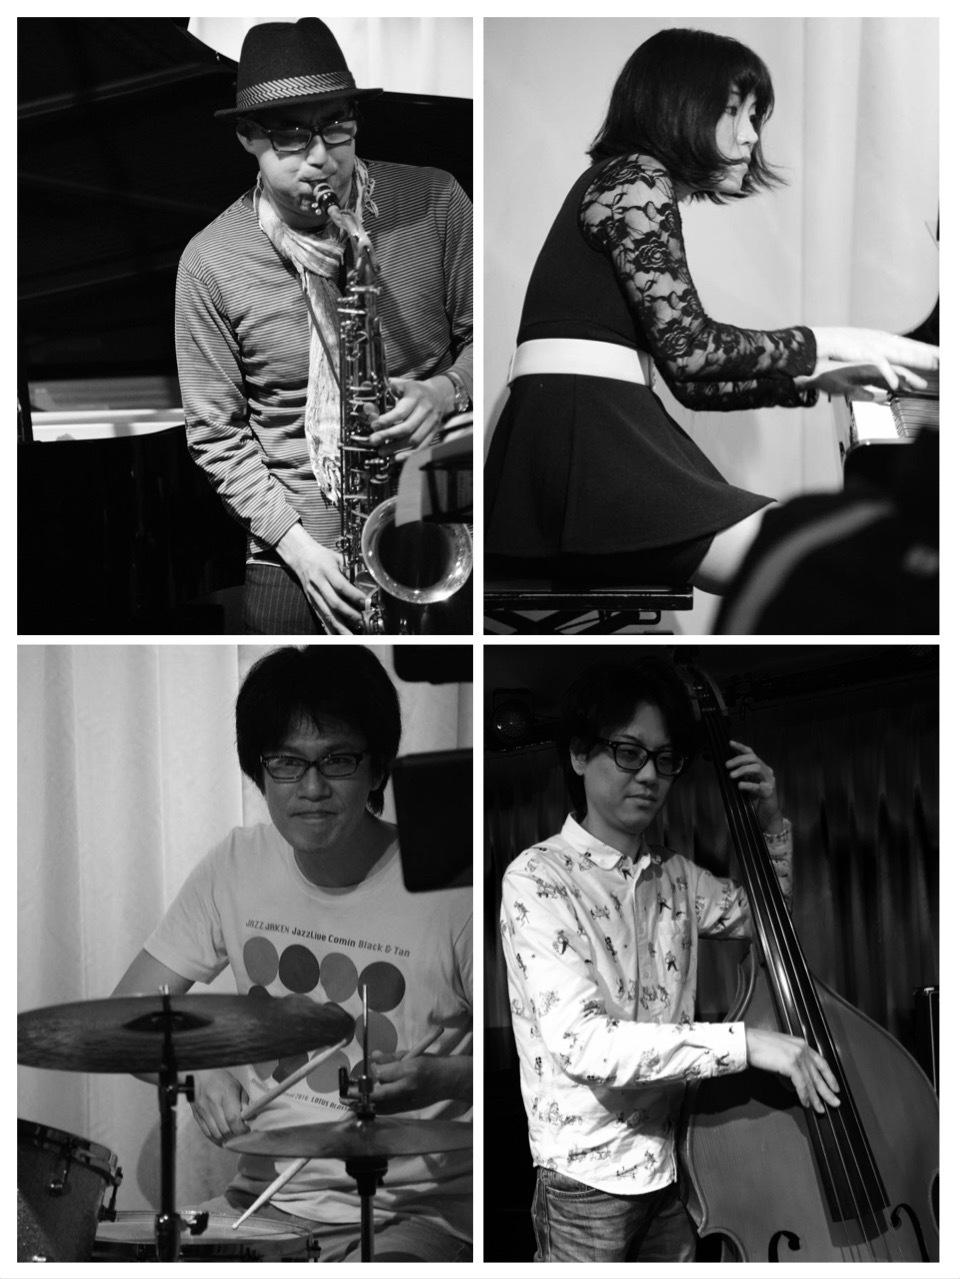 広島でジャズ Jazzlive Cominジャズライブカミン 本日13日は15時スタート 昼間のジャズライブです_b0115606_11100181.jpeg